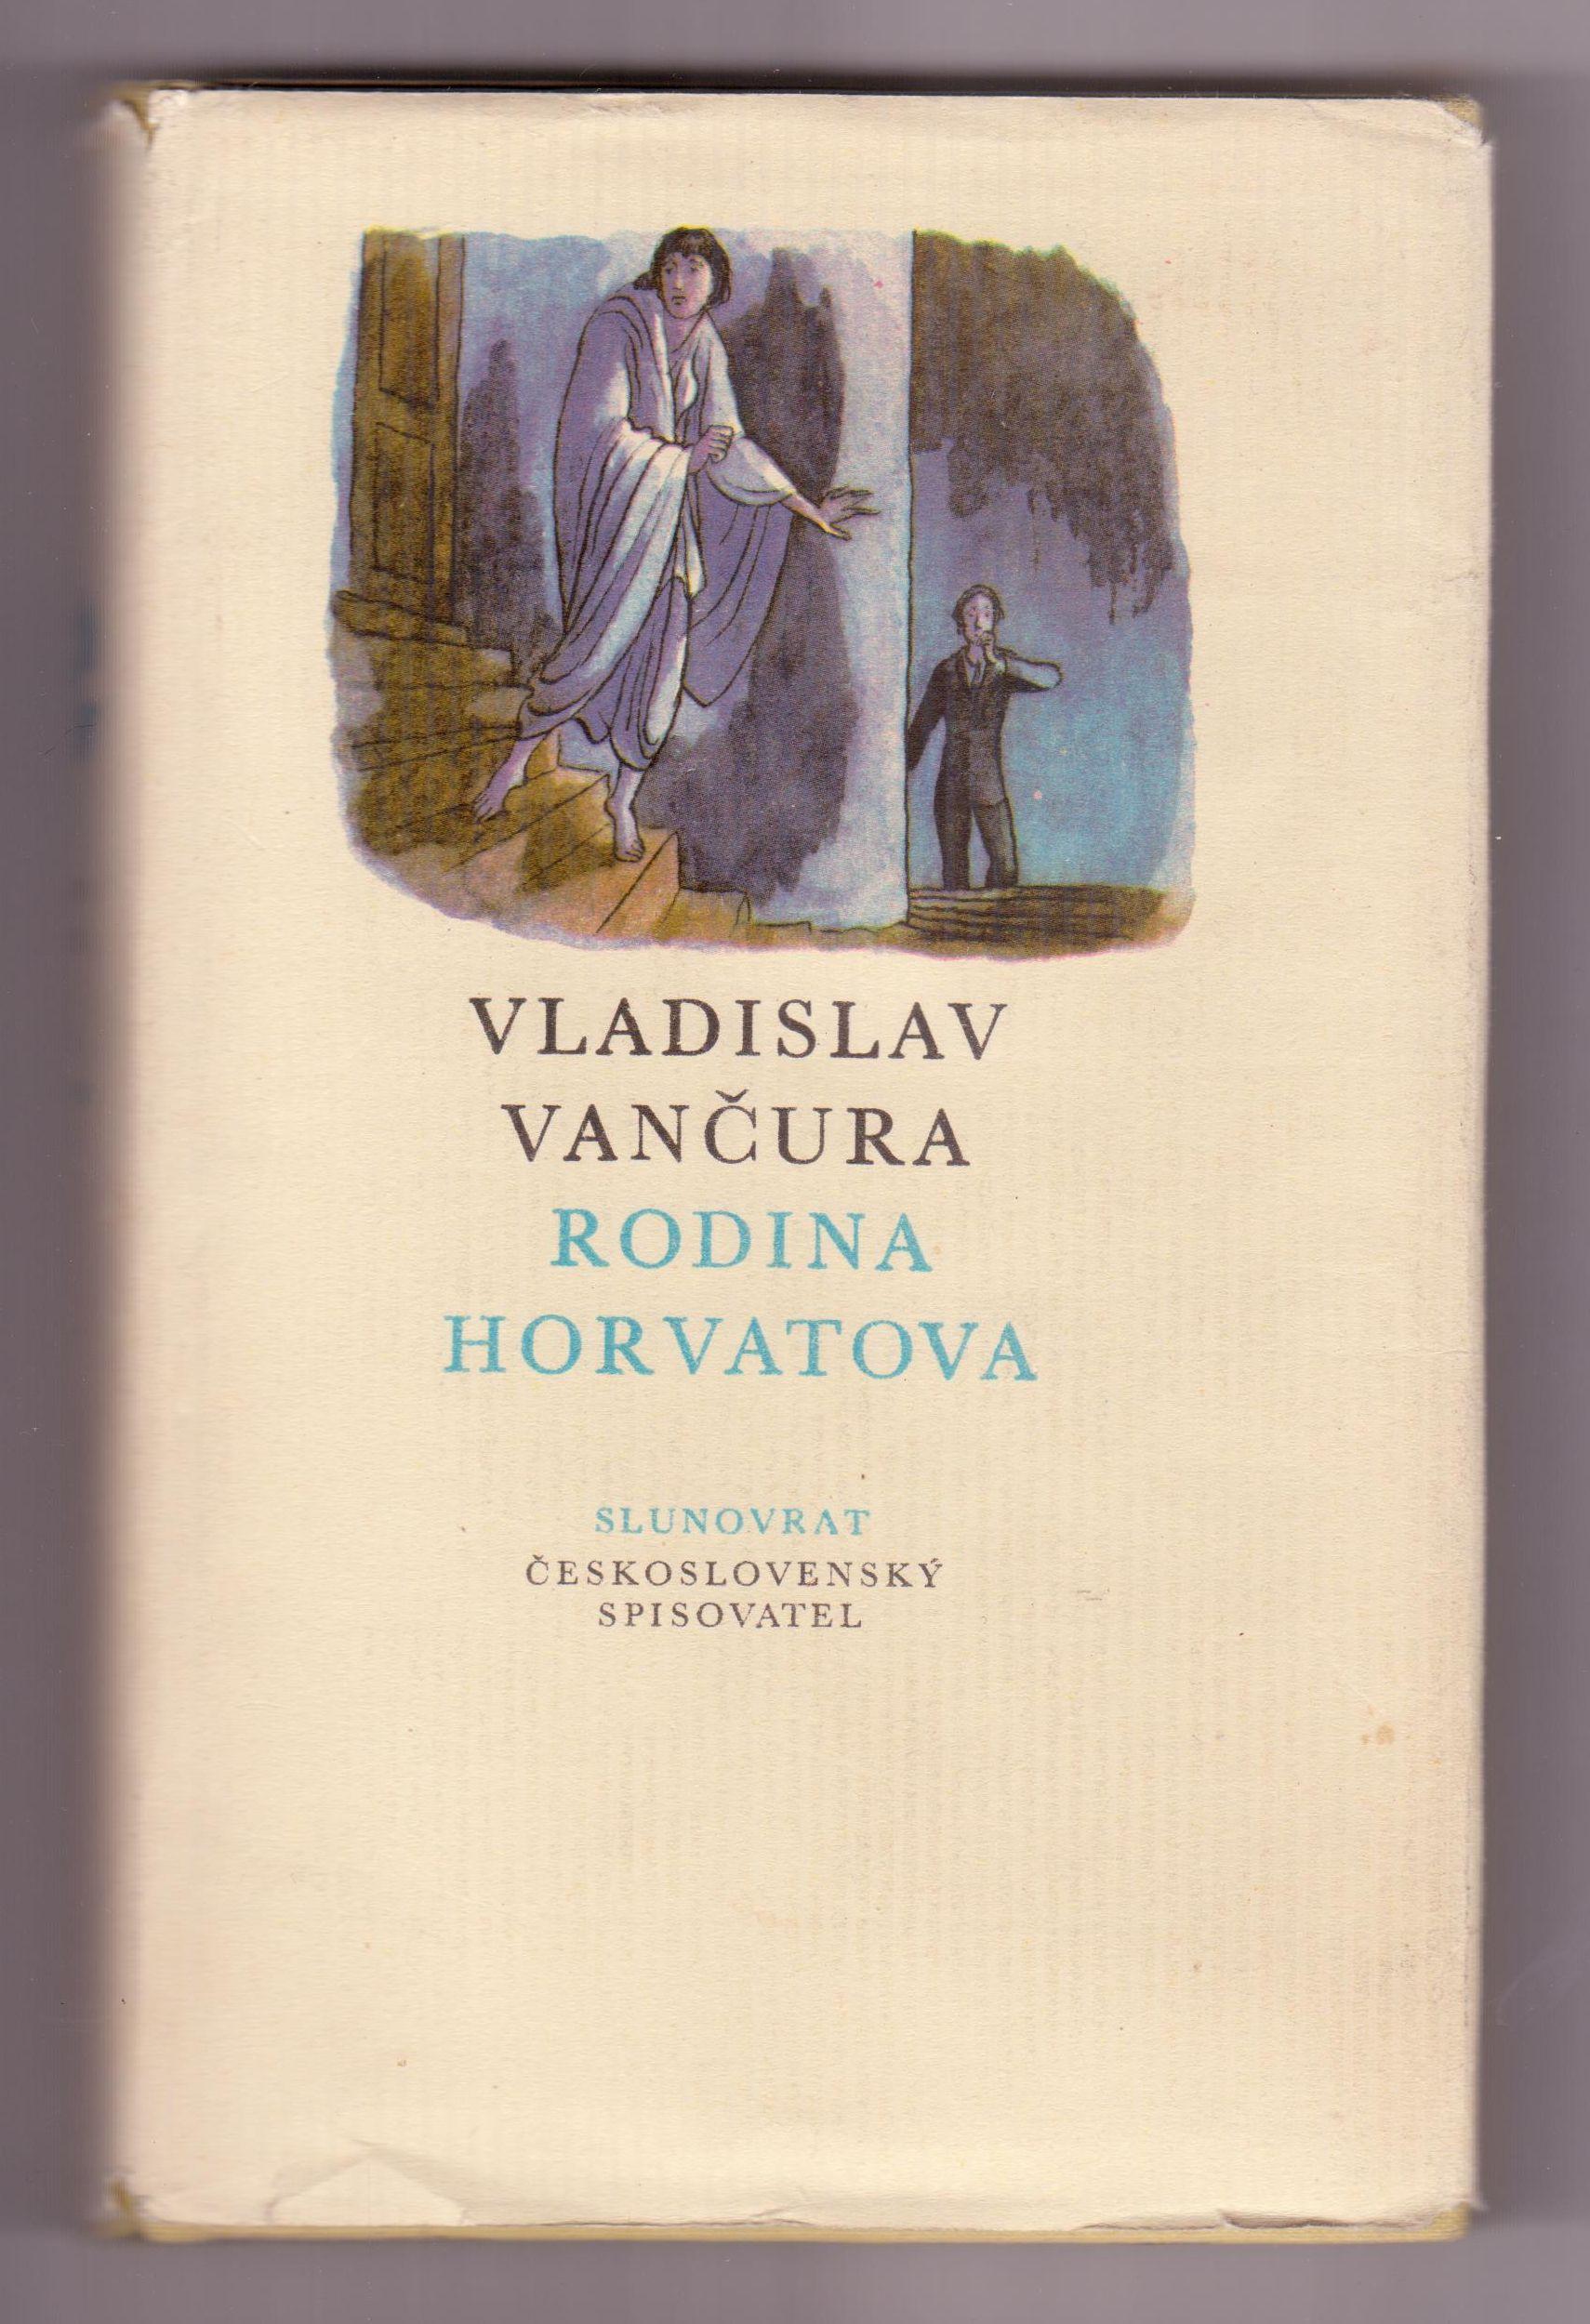 Rodina Horvatova - Vladislav Vančura